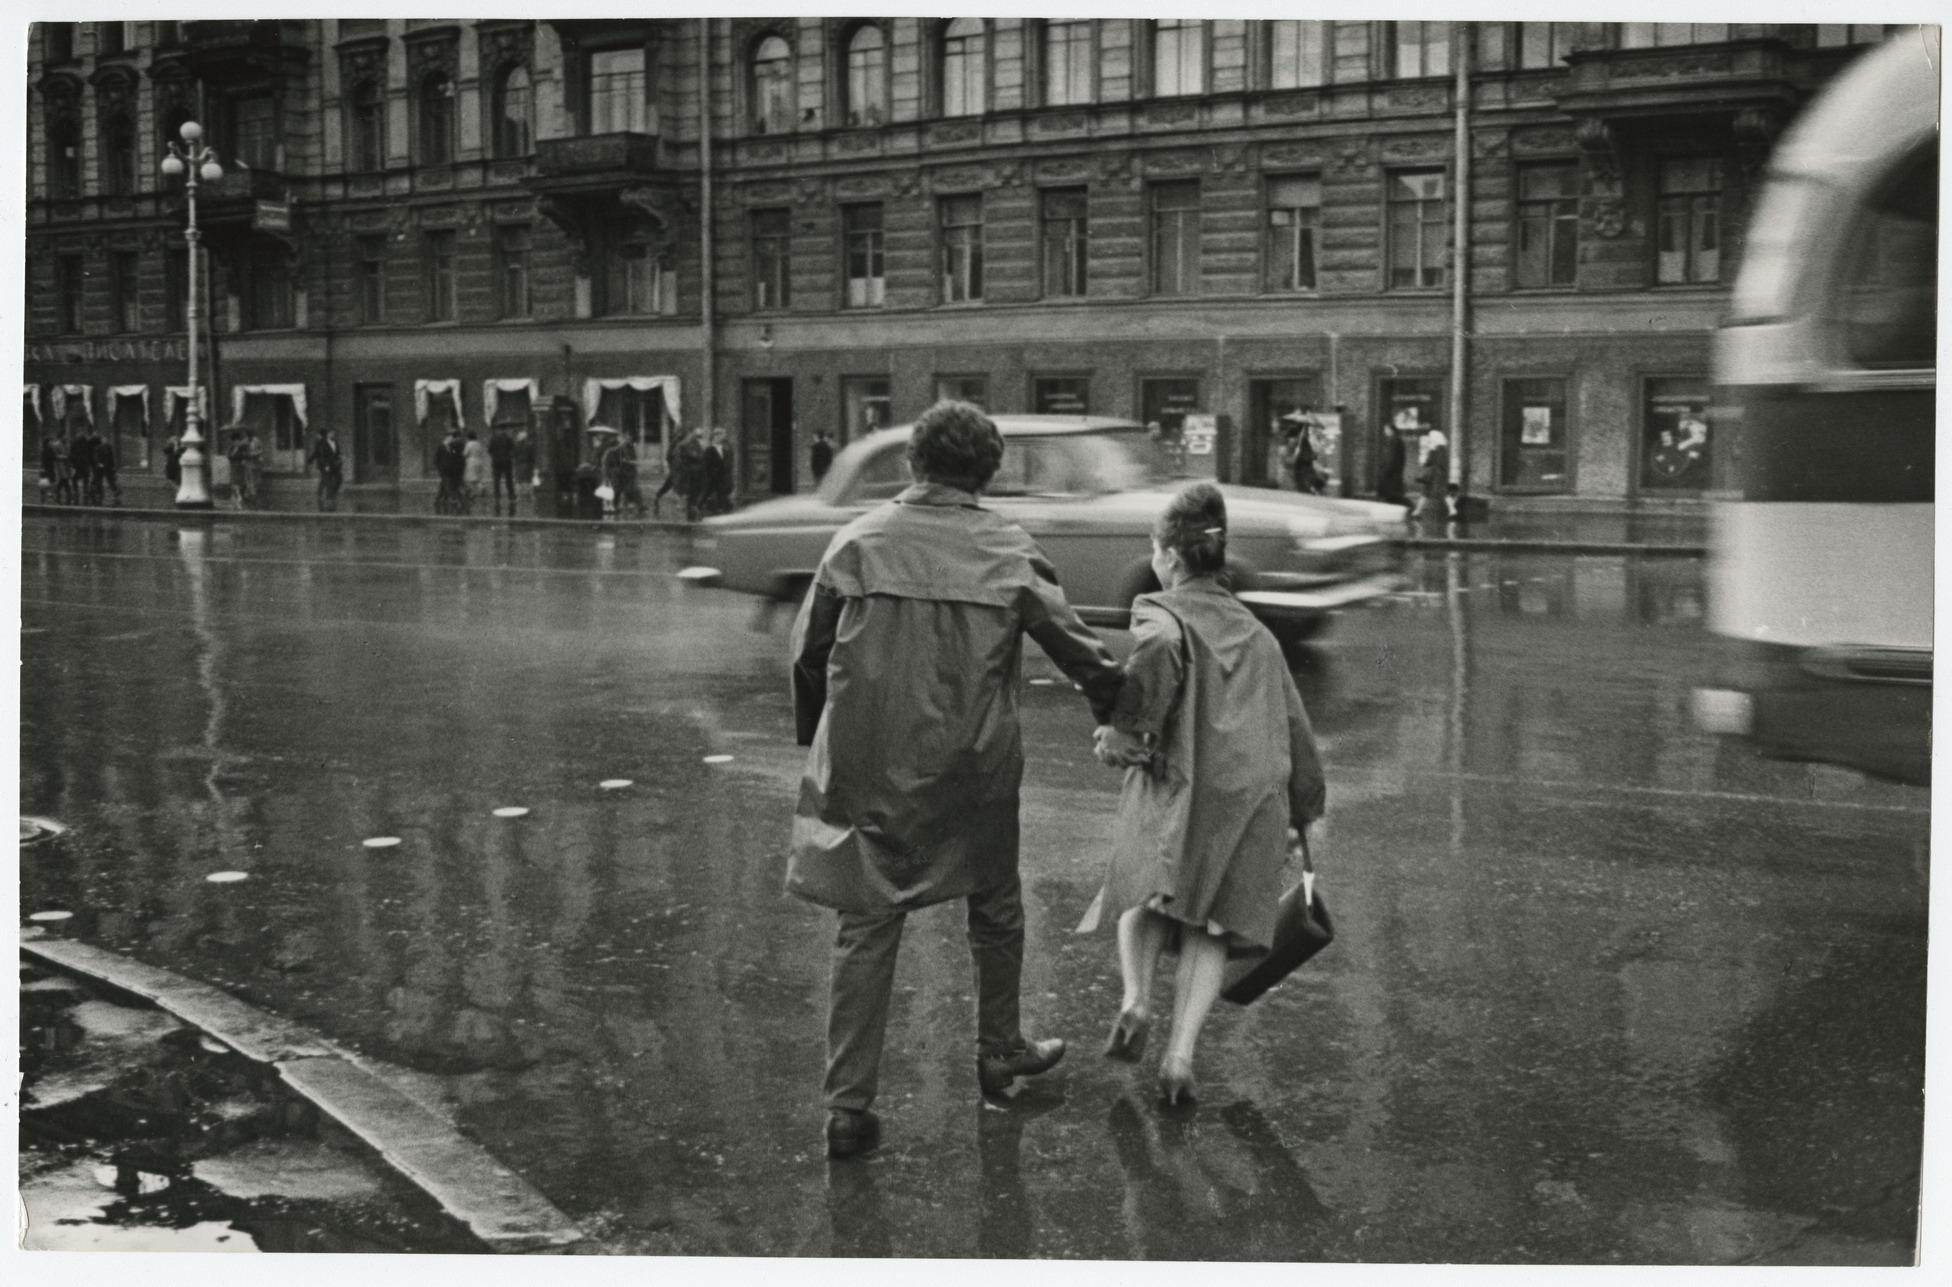 Всеволод Тарасевич. Безназвания. Изсерии «Невский проспект». Ленинград, 1965.